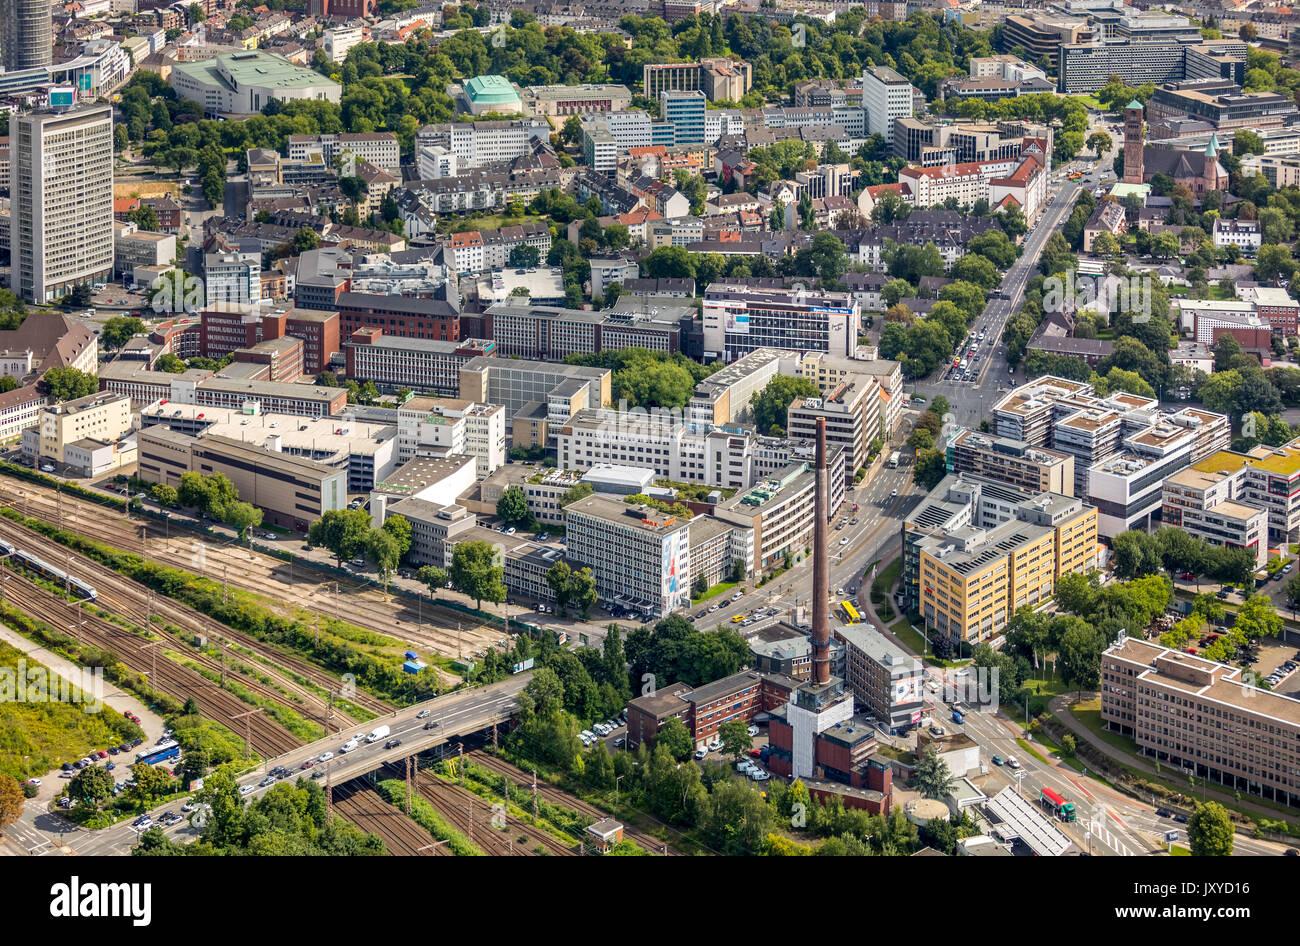 Funke Media Group, basé à Essen, est une entreprise de médias, l'Europe d'Essen, Essen, Munich, 2 bureau de rédaction, WAZ WAZ, rédaction principale Piscine Photo Esse Photo Stock